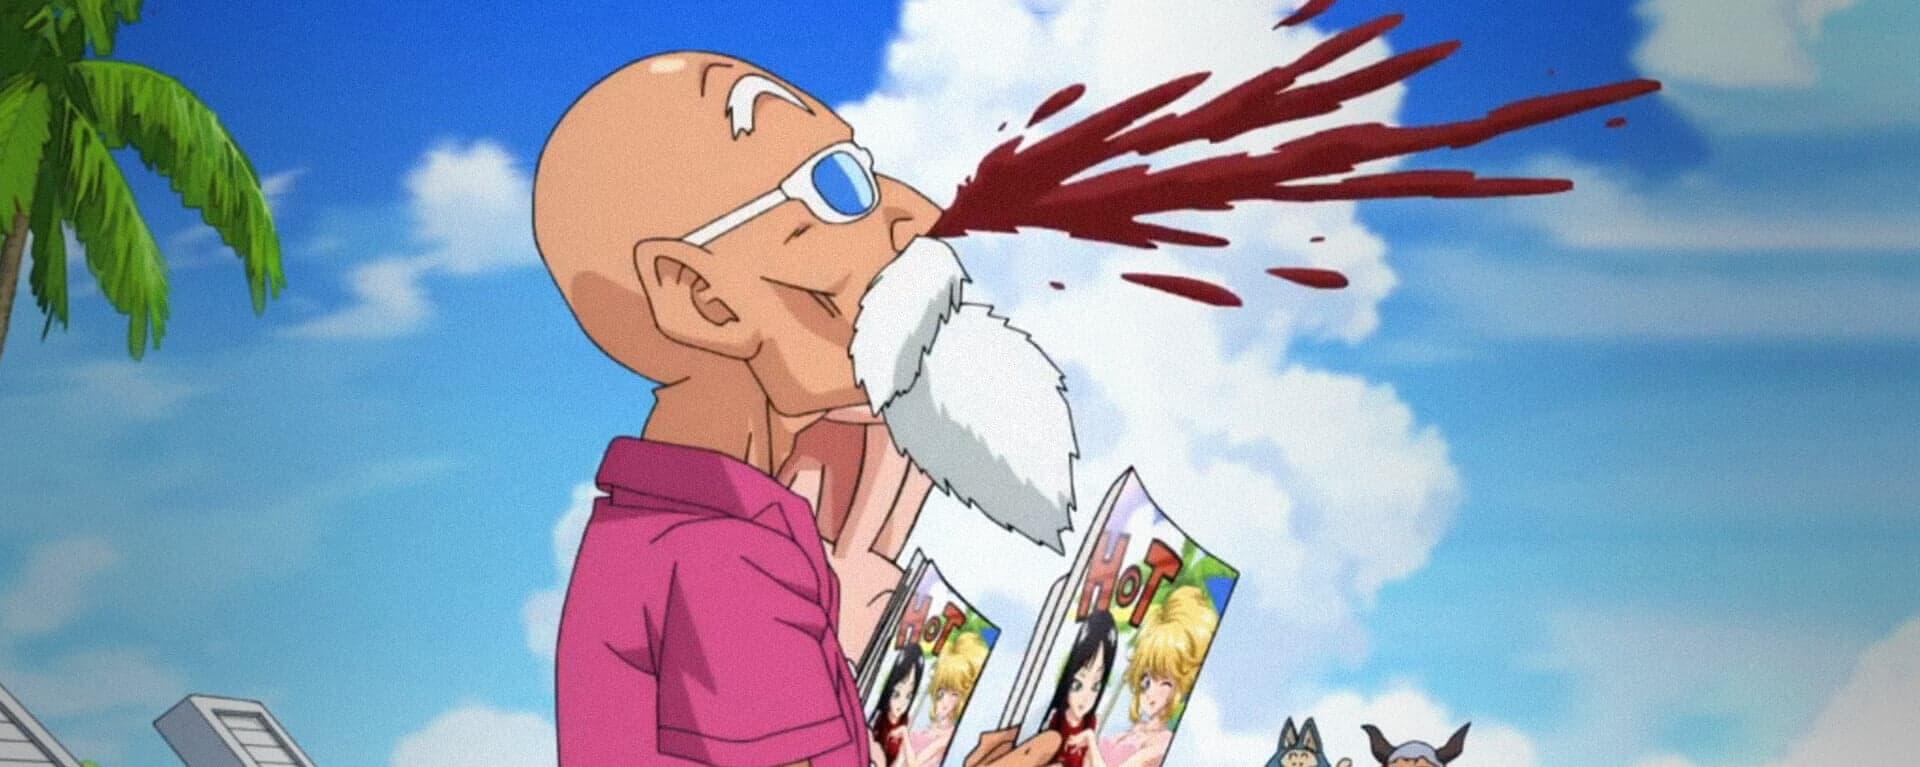 sangramento nasal em animes porque o sai sangue pelo nariz